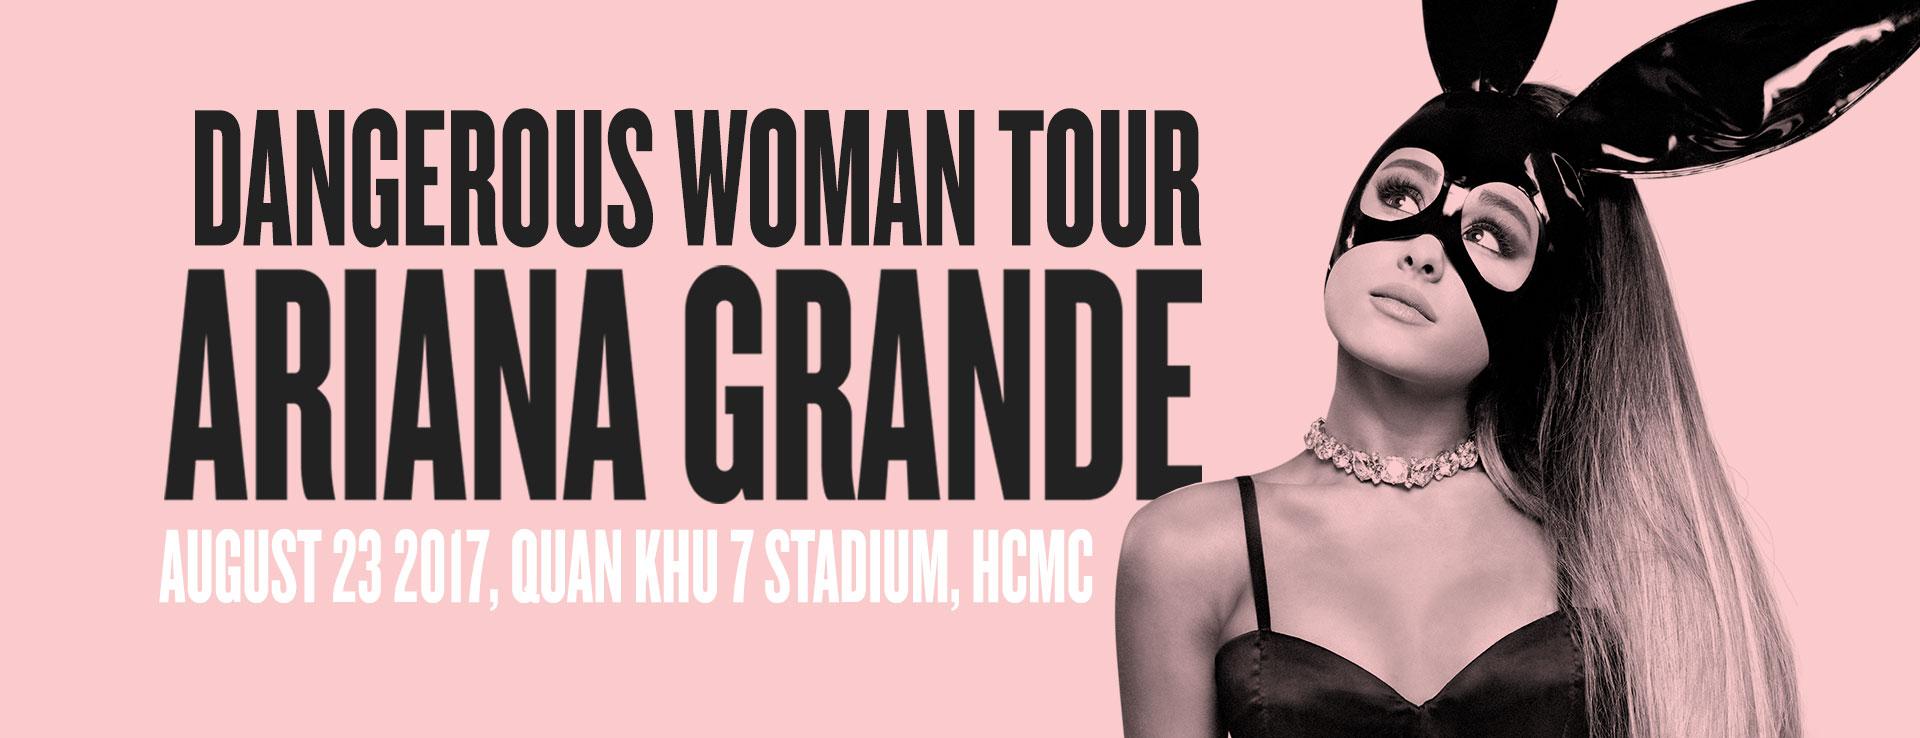 Ariana Grande lặp lại 'chiêu' cũ, báo huỷ show trên Instagram bắt đầu bằng 'My babes in...'